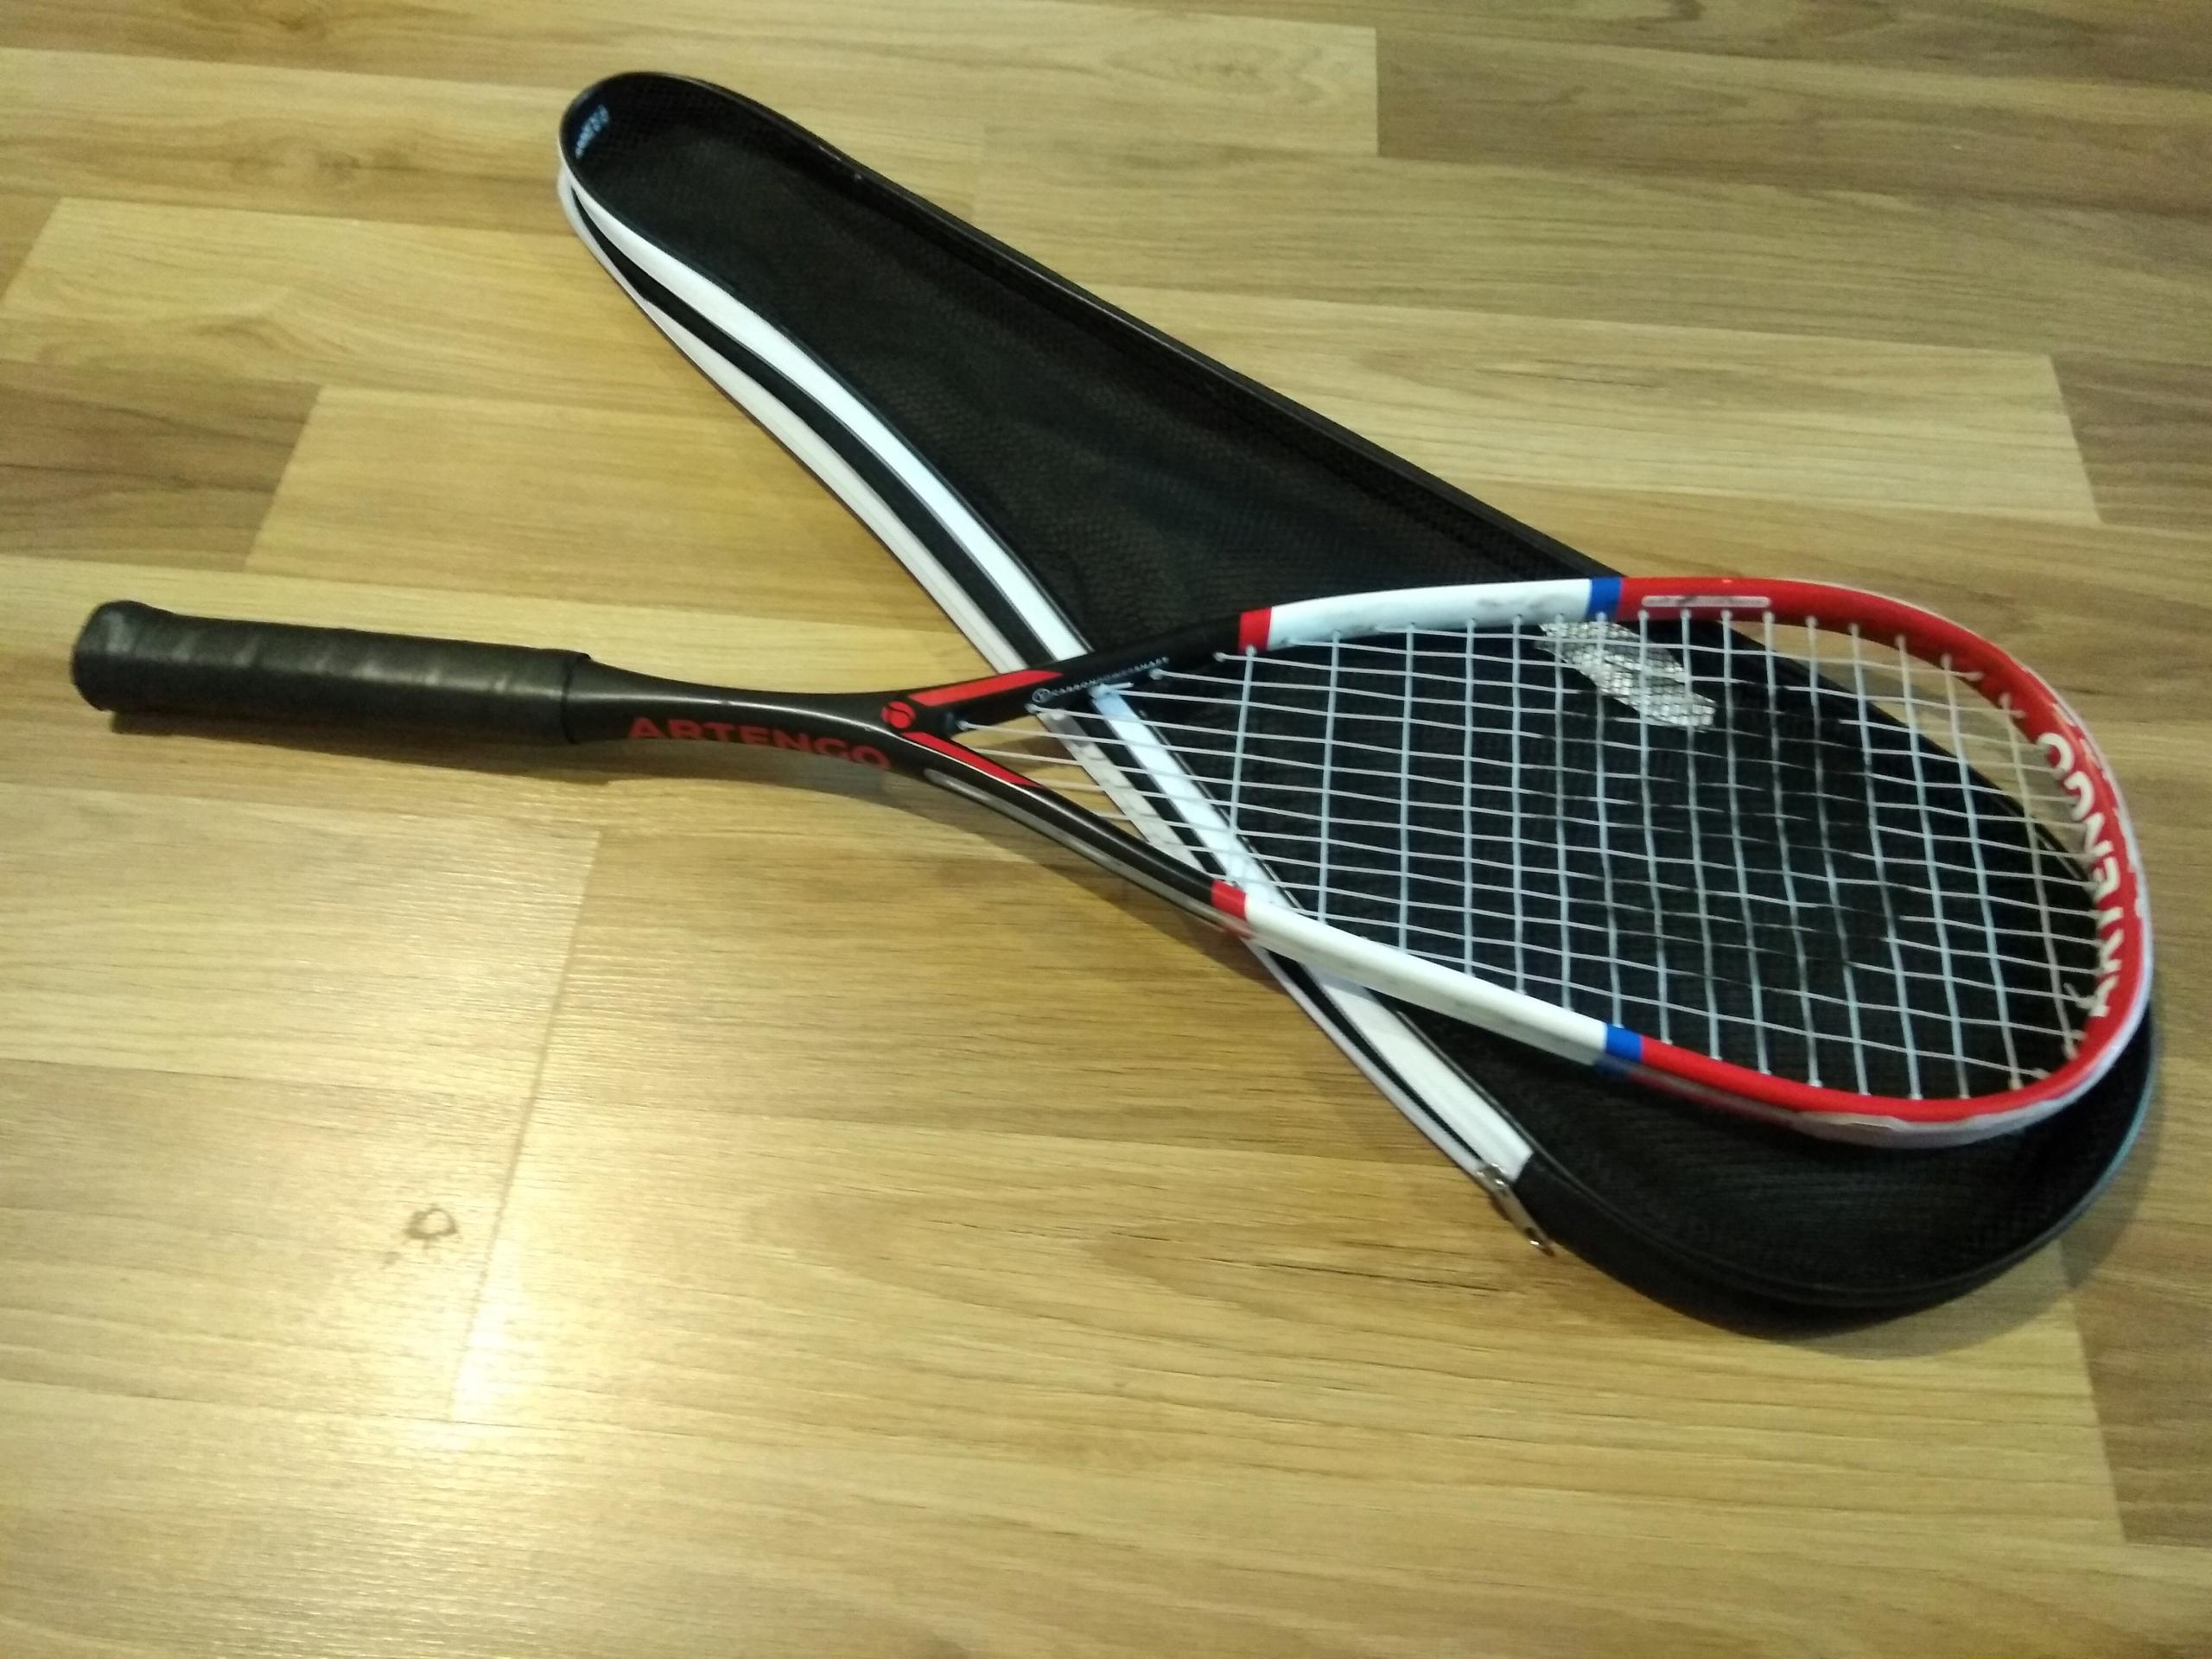 Rakieta do squasha Artengo SR 160 - 165g - Okazja